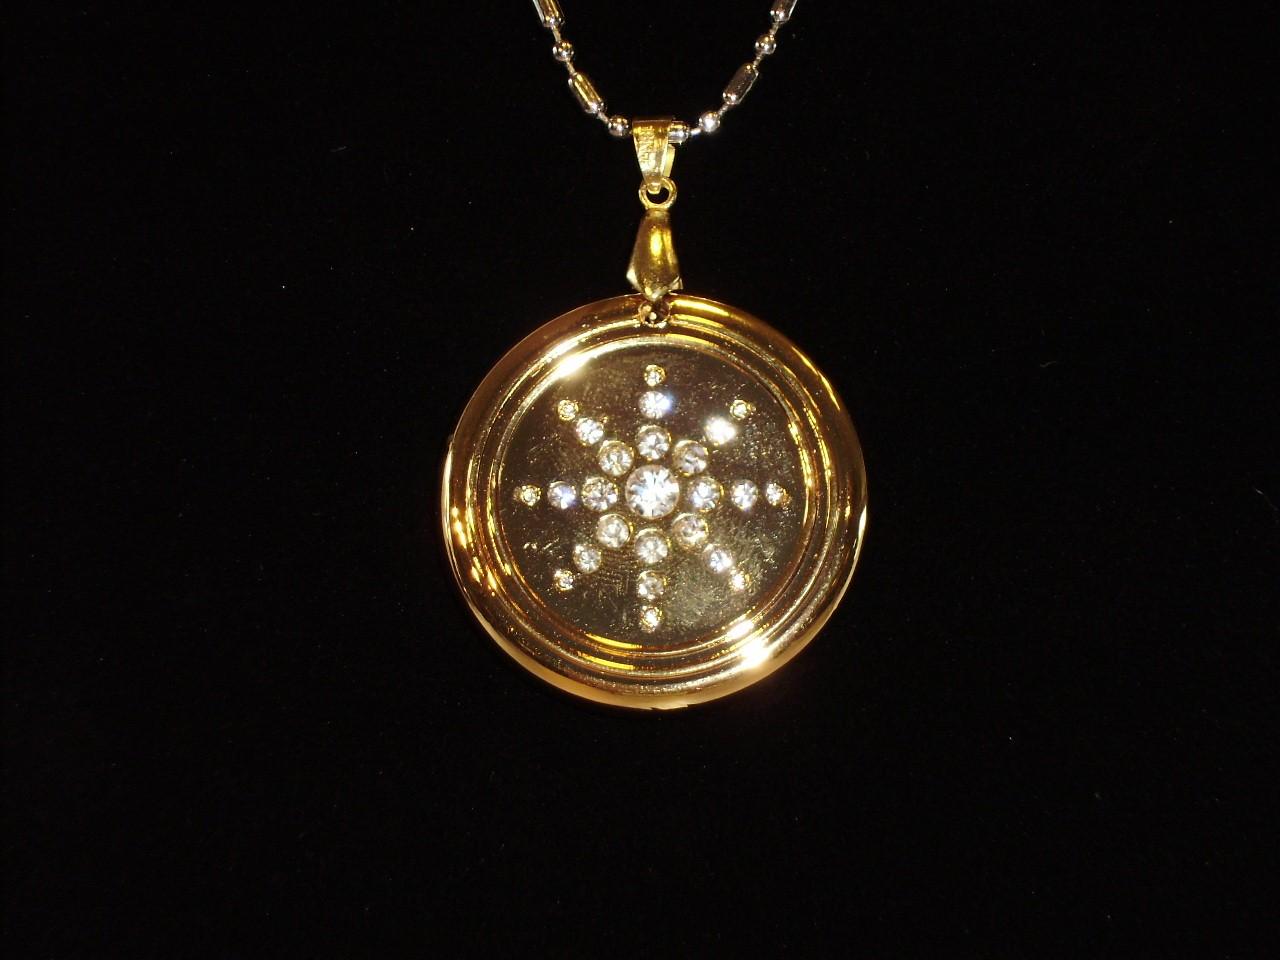 Quantum Science: EHM QUANTUM SCIENCE PENDANT GOLD CRYSTAL METAL 40